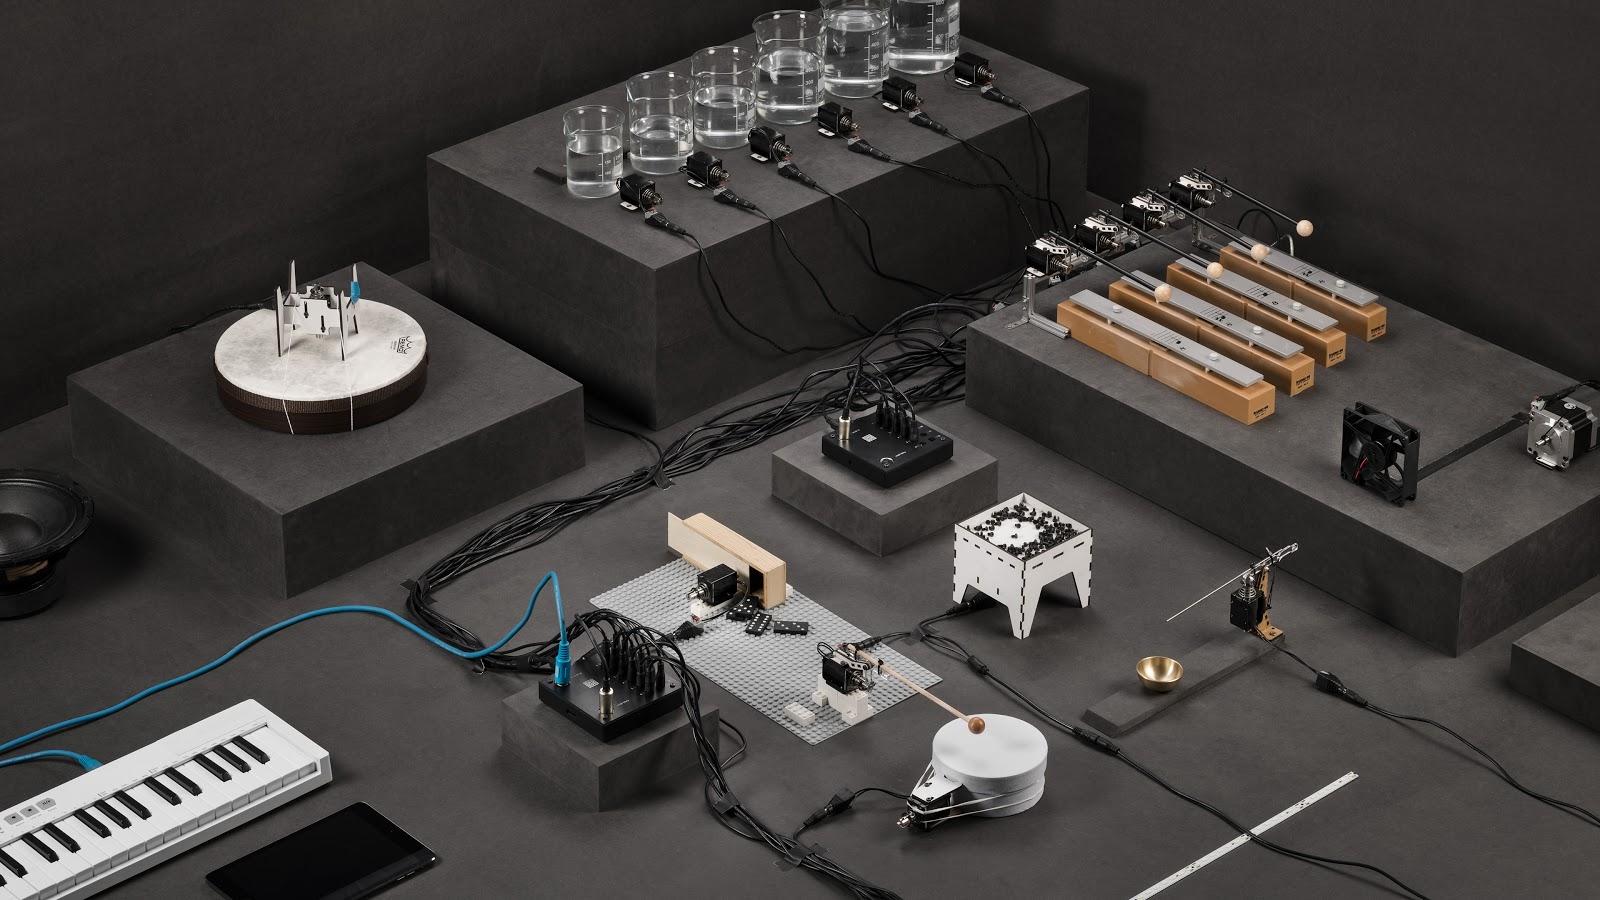 Музыкальное будущее: футуристические инструменты, которые можно купить уже сейчас - 9